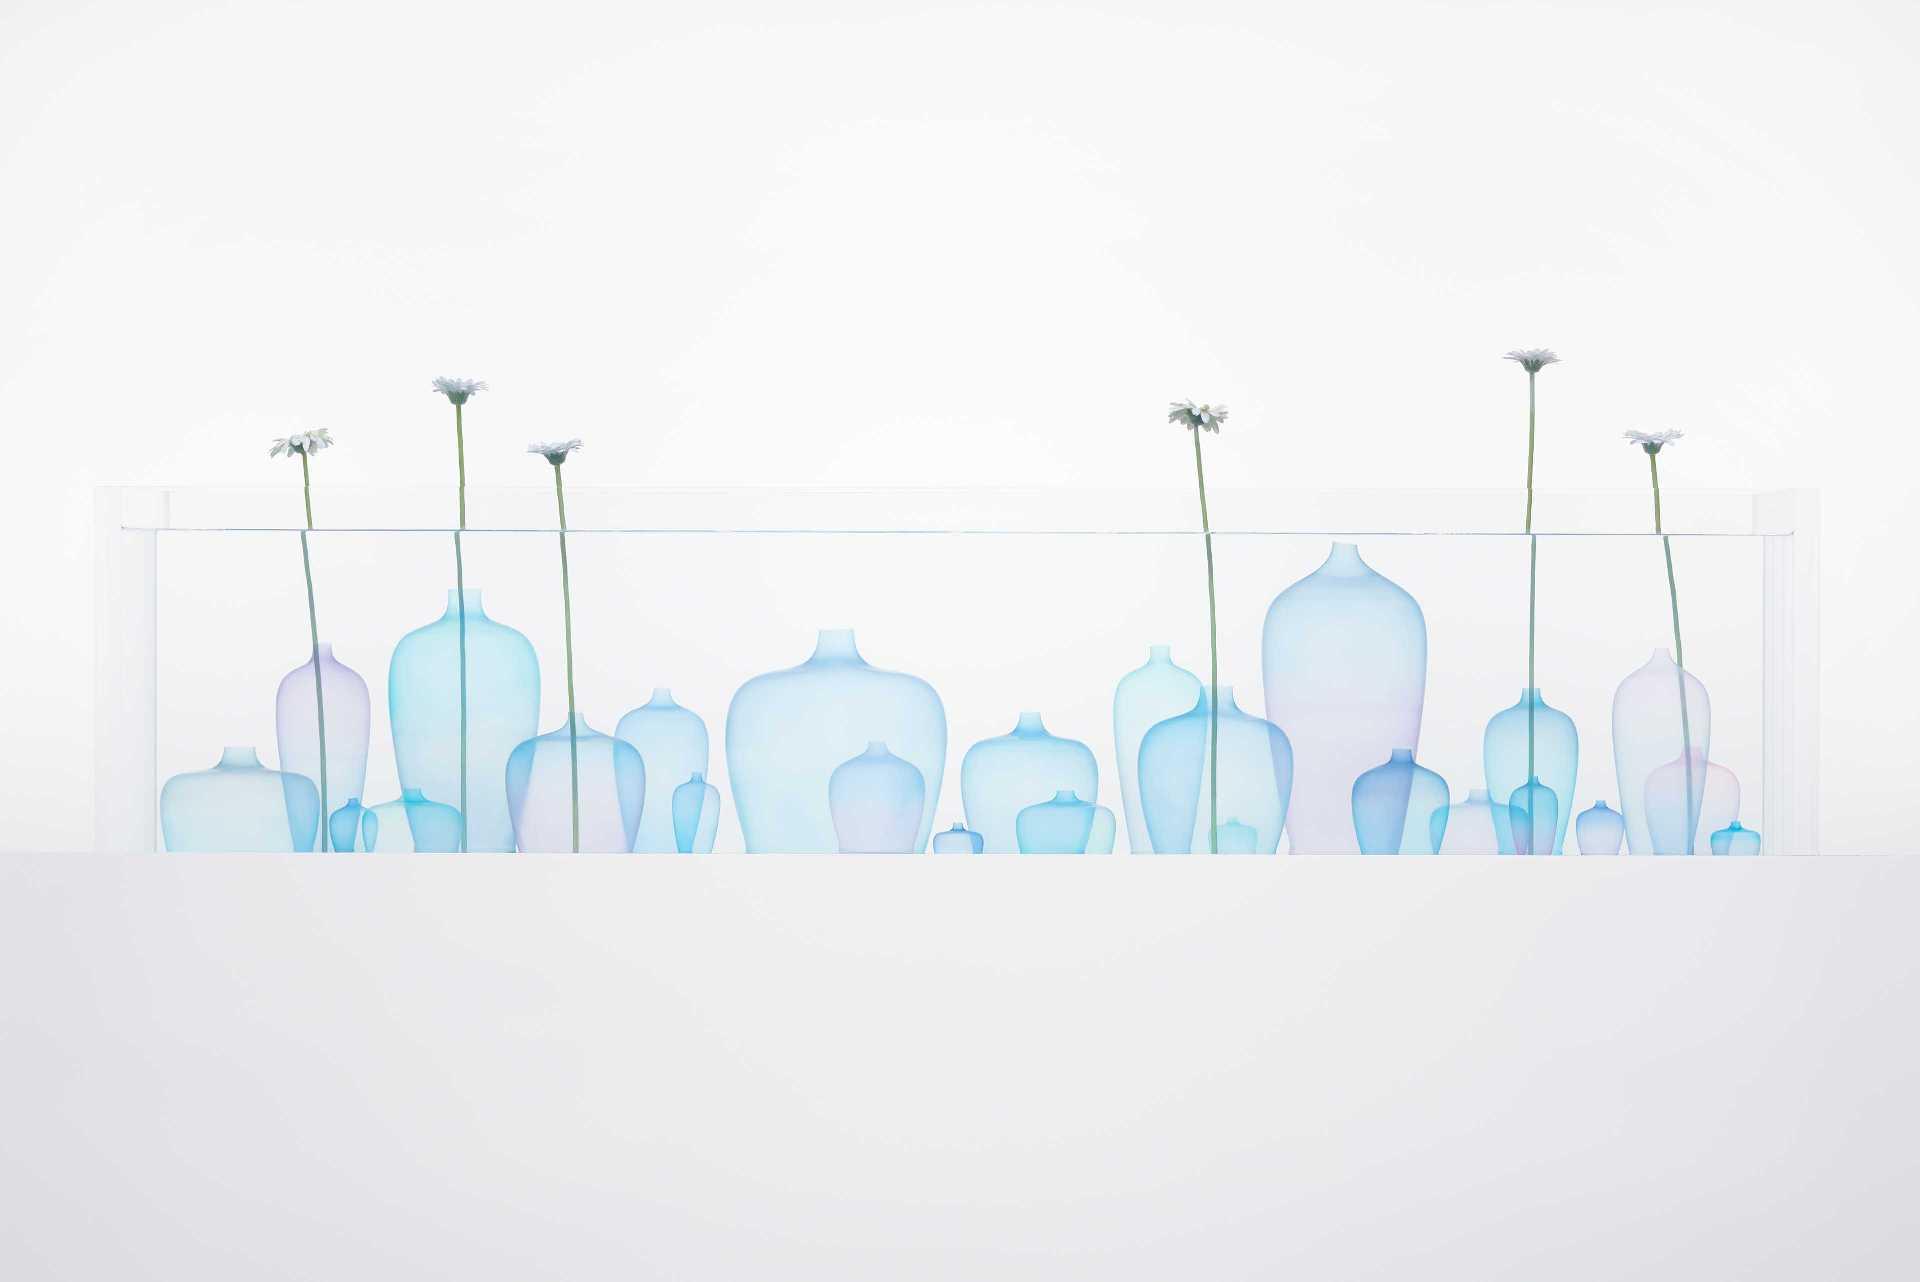 TOP 5: Milan Design Week  - jellyfish vase10 akihiro yoshida 32